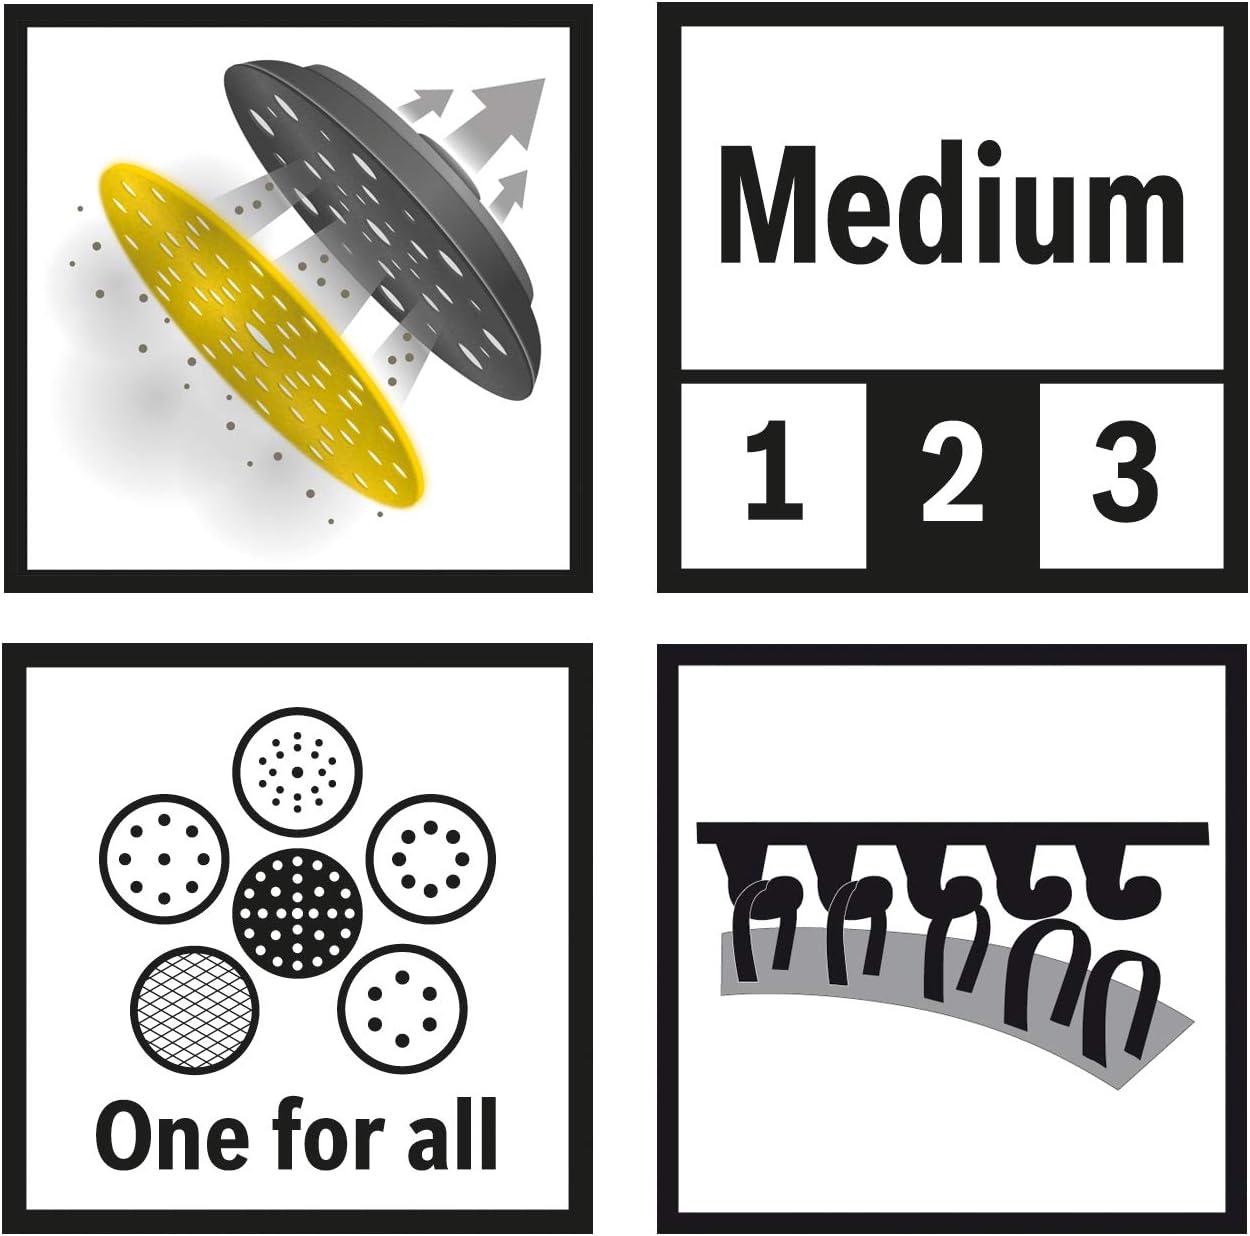 /Ø 150 mm, Medium, Velcro, Accesorios lijadoras exc/éntricas 0 V 0 W Bosch Professional 2608601569 Plato multiperforado